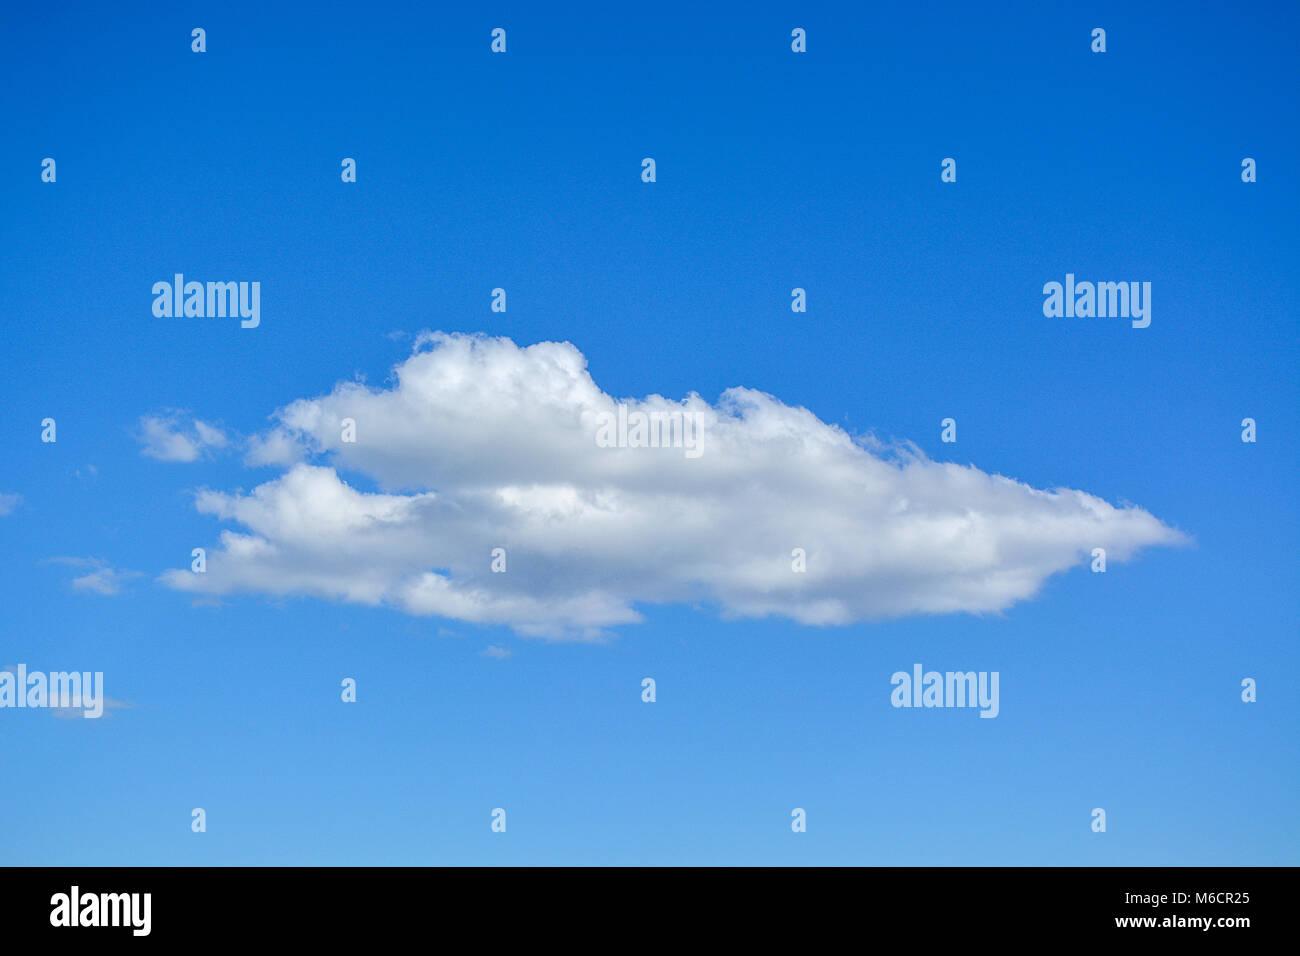 scenic single cloud blue sky - Stock Image